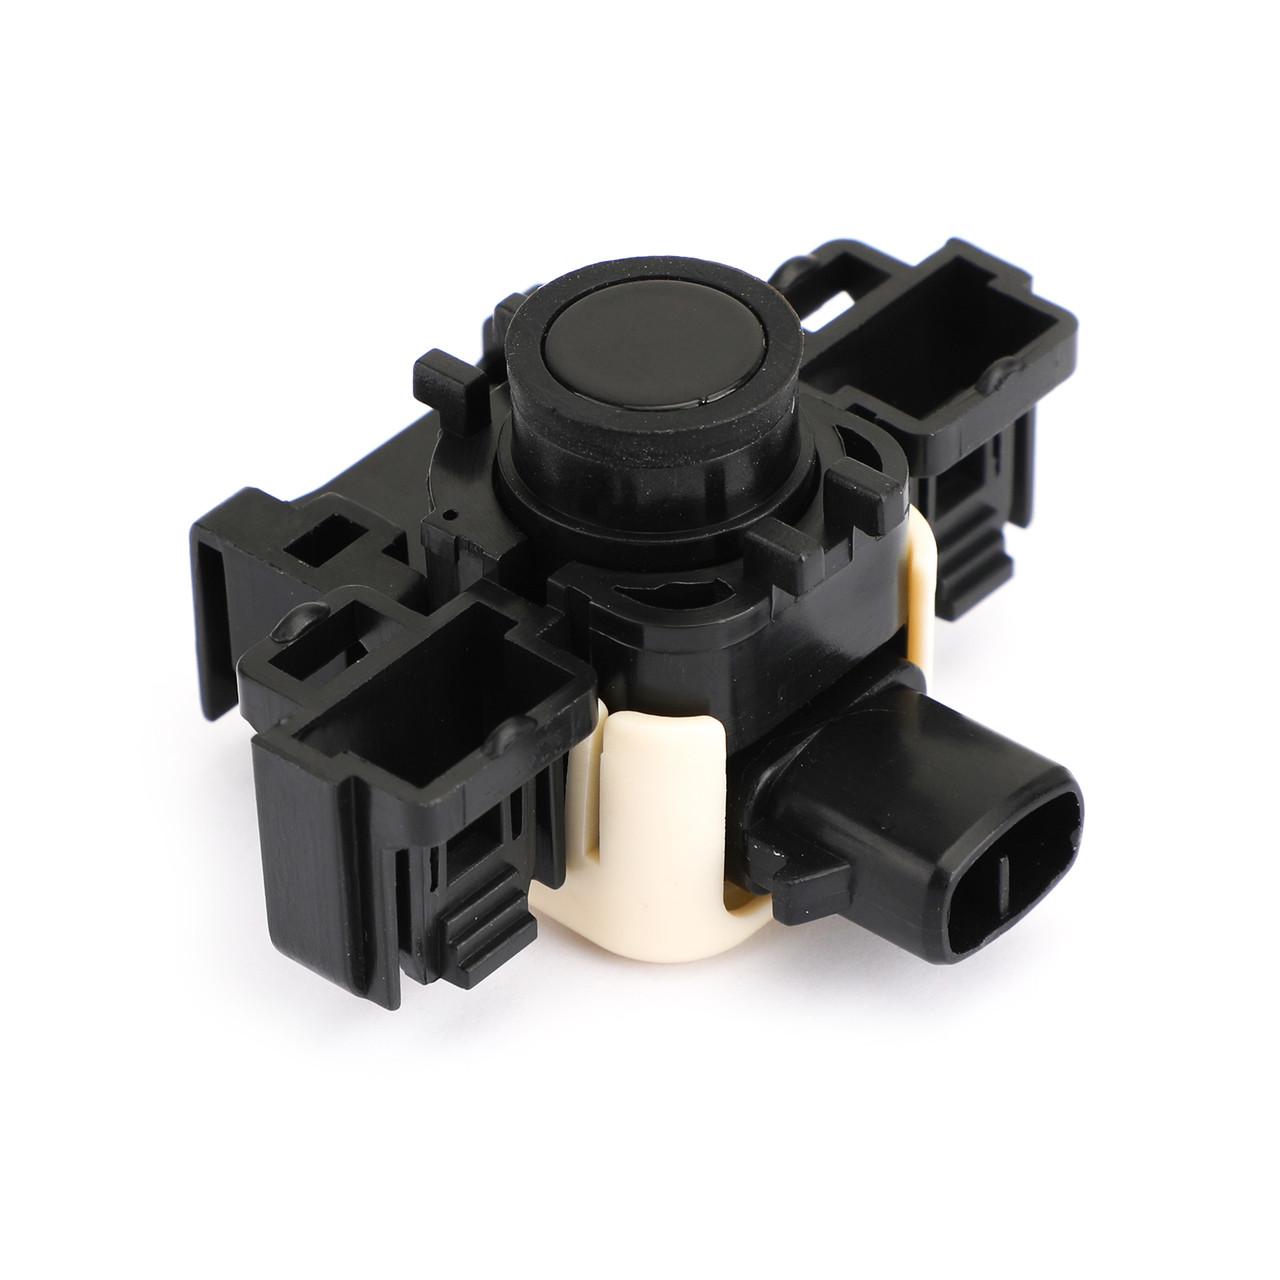 Bumper Parking Sensor 89341-53010-C0 For Lexus IS250 IS200t GS350 CR200t Black